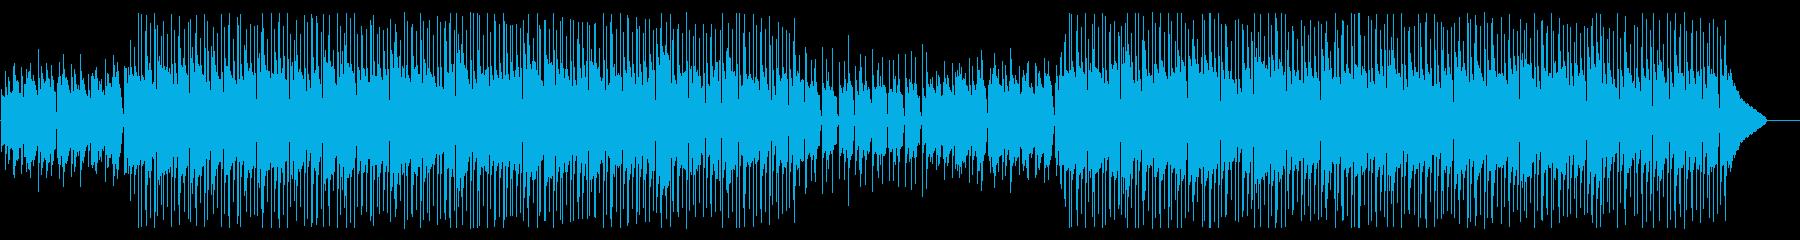 ミドルテンポのアコースティックポップの再生済みの波形